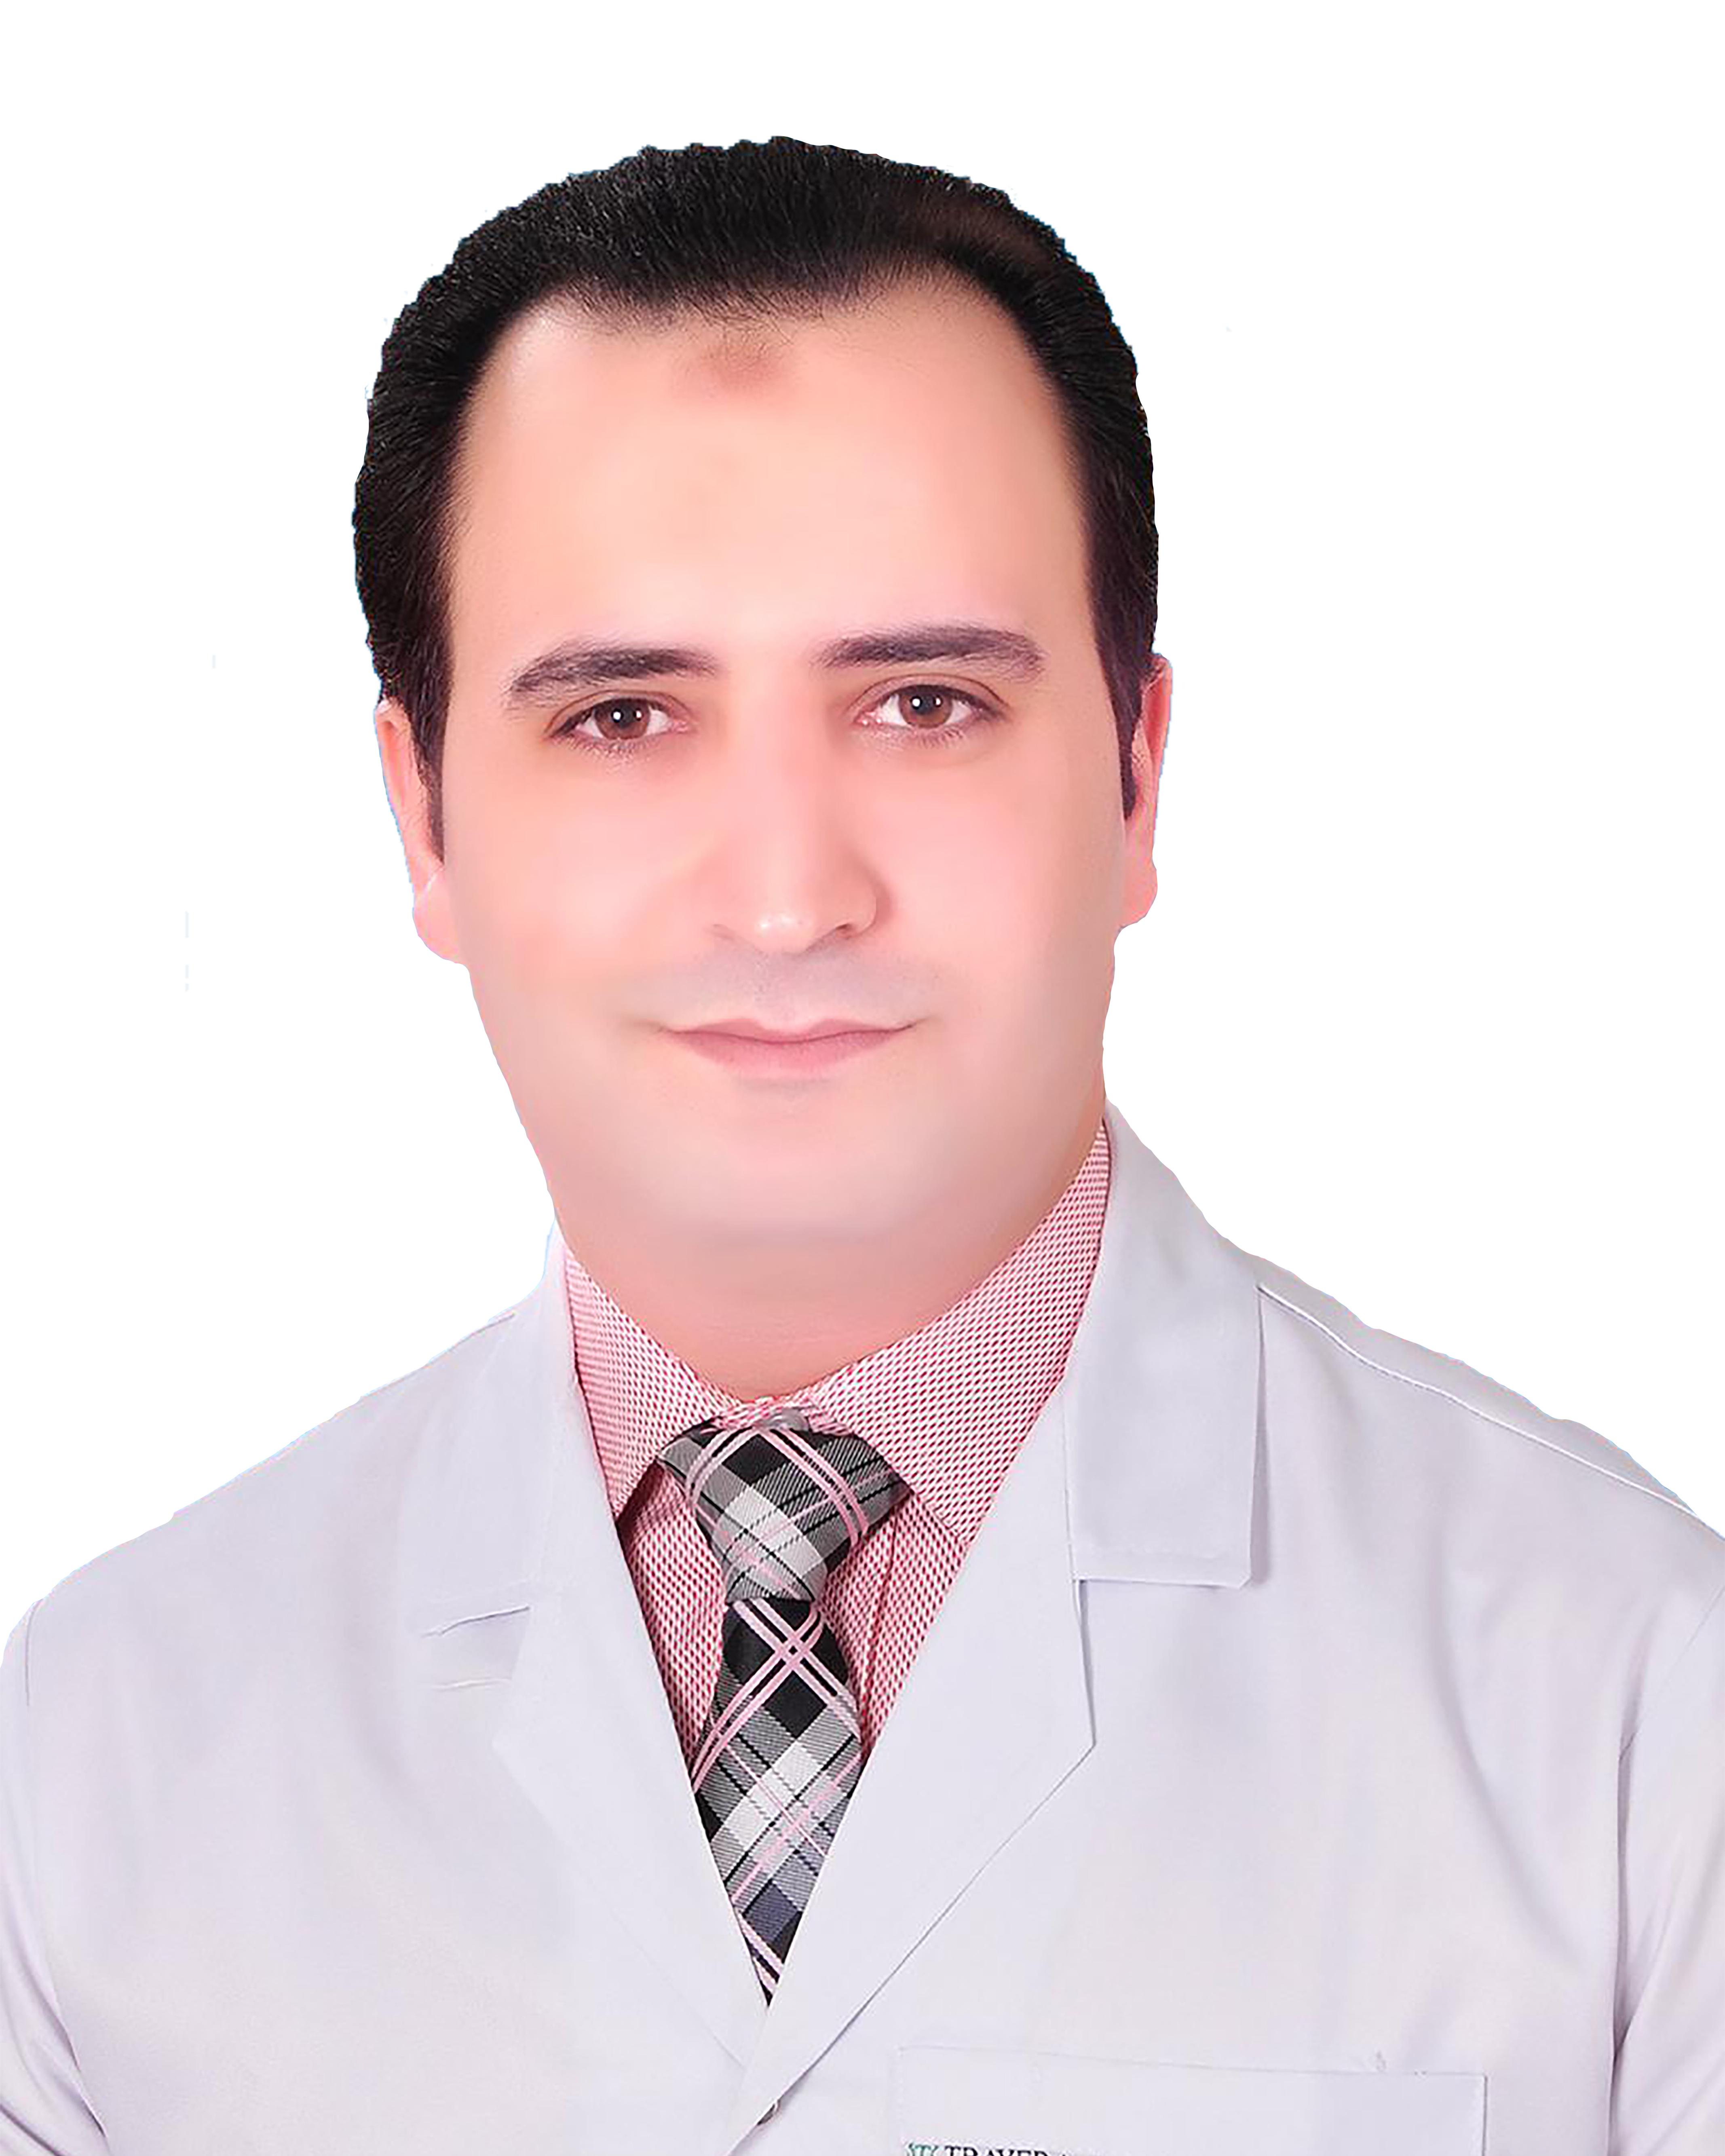 الدكتور سعد زغلول اخصائي جراحة التجميل والحروق   مستشفى الحياة الوطني جازان